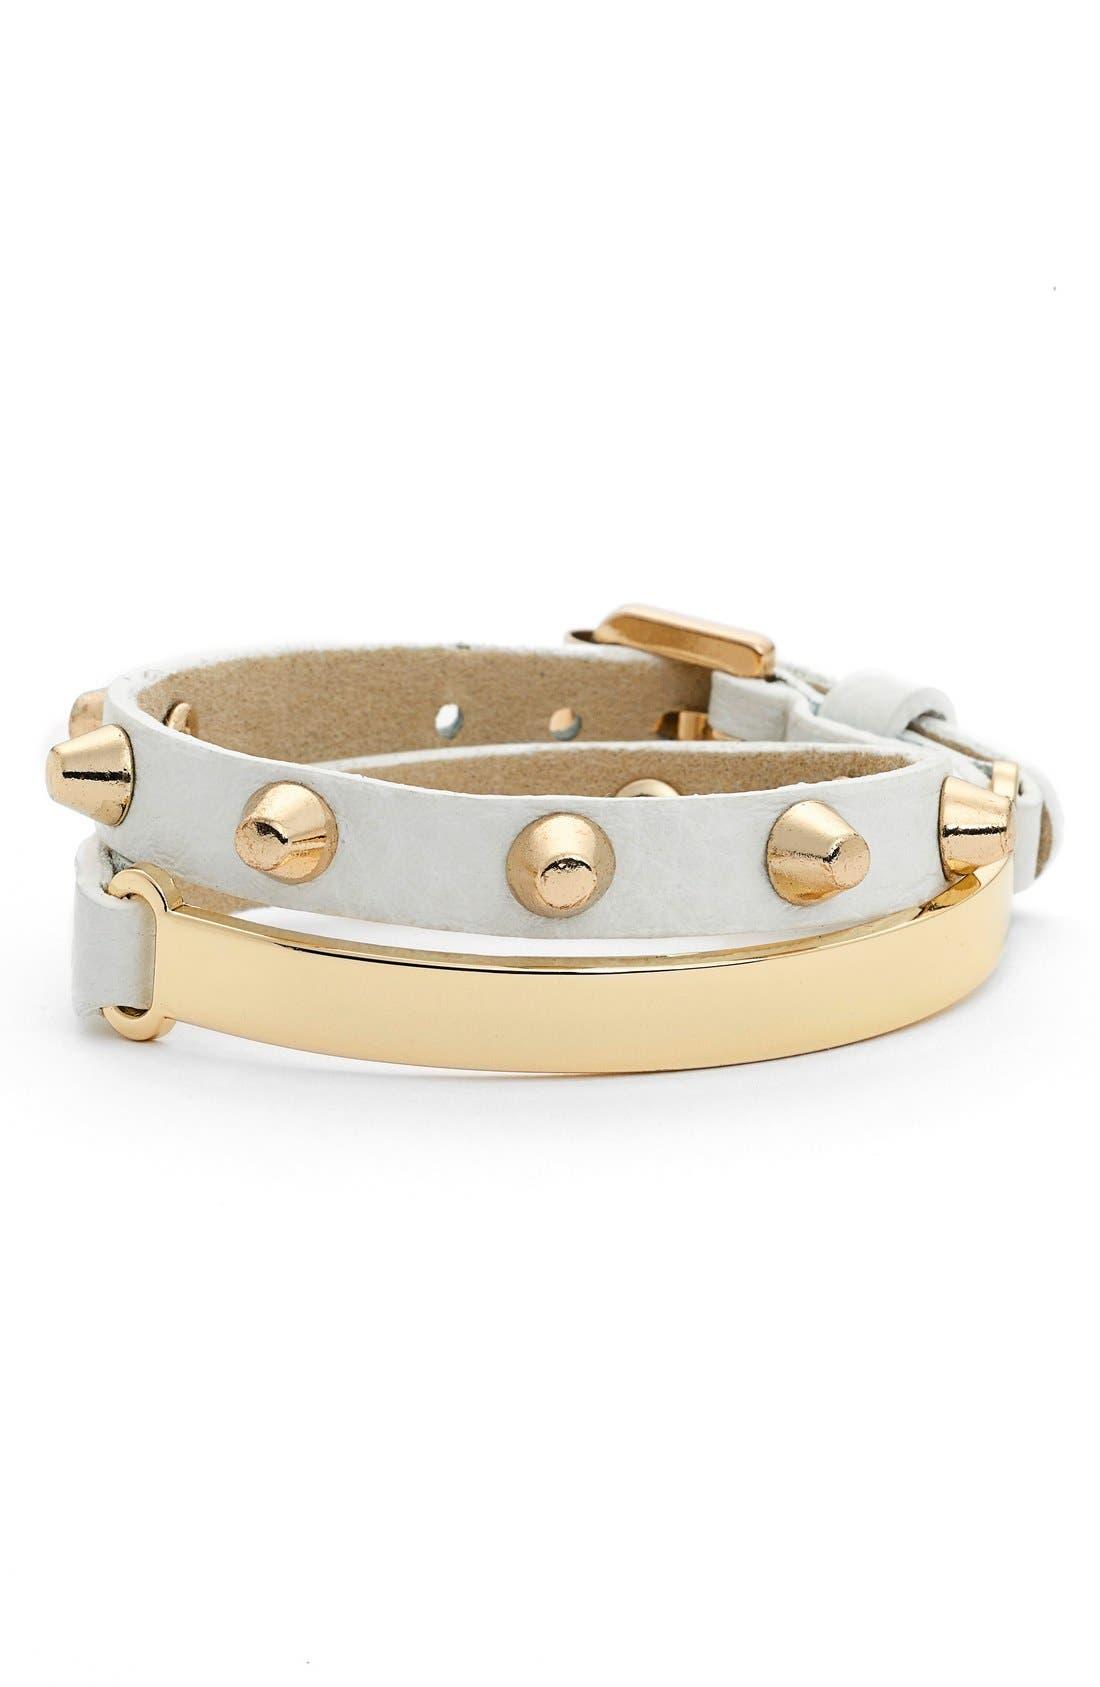 Main Image - Jules Smith Studded Wrap Bracelet